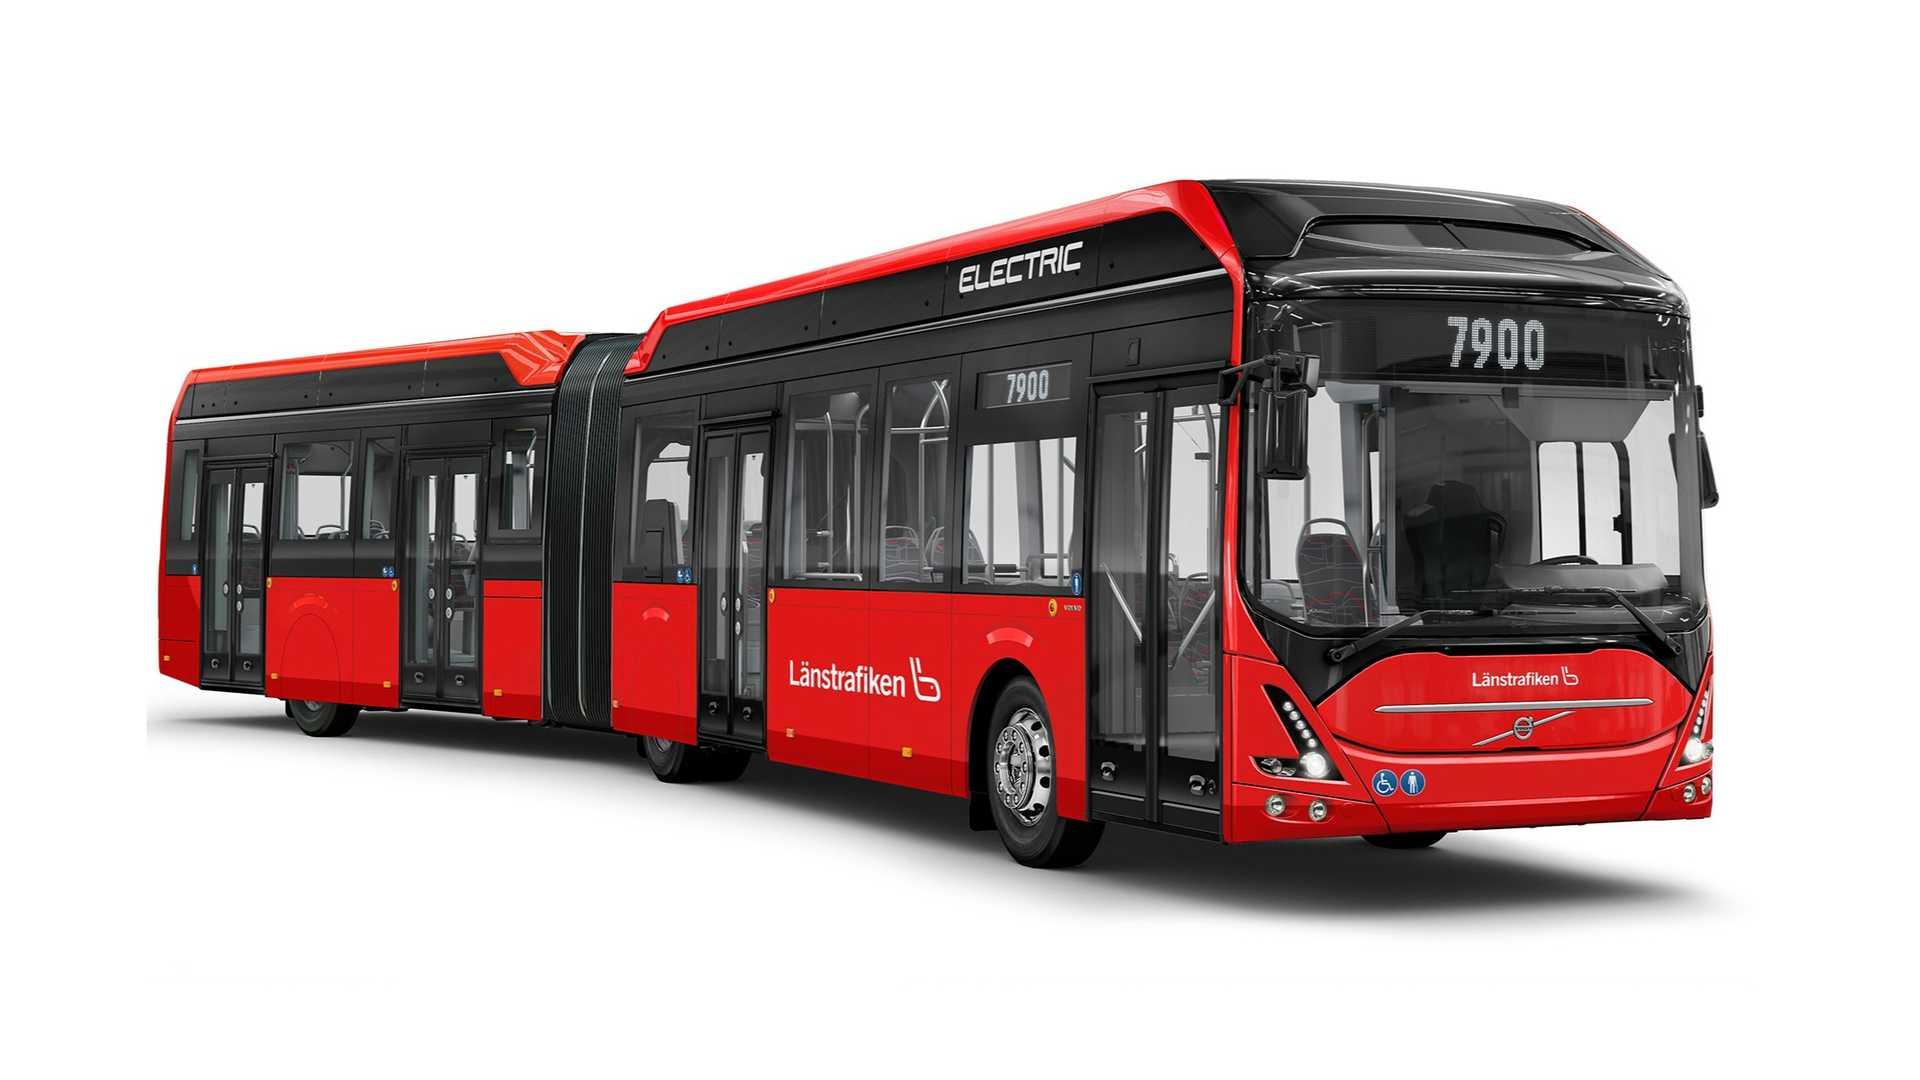 Автобусы Volvo доставят в Йёнчёпинг 49 высокопроизводительных автобусов EV